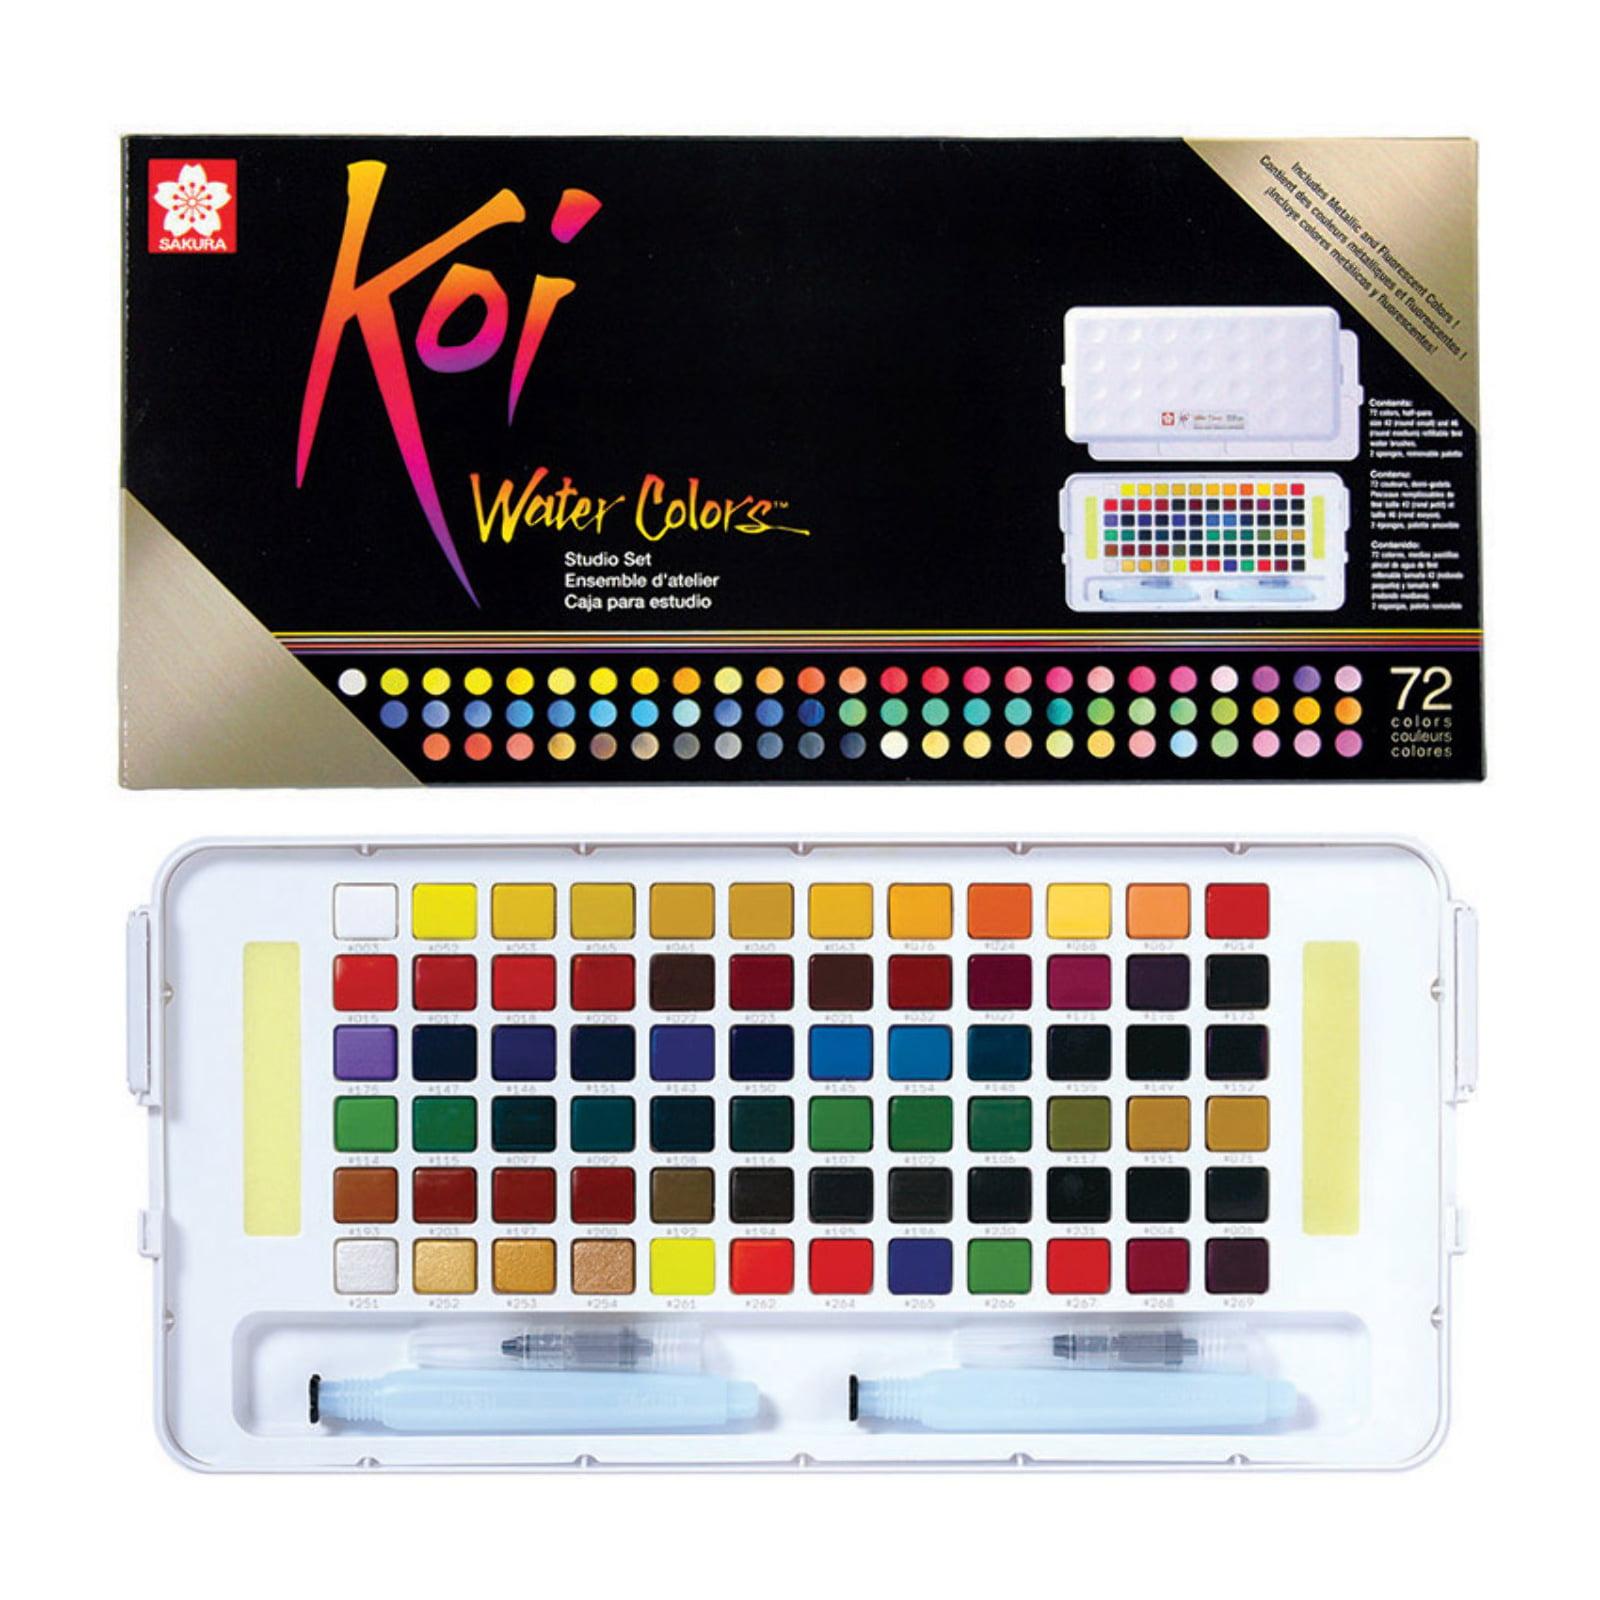 Sakura Koi Watercolors Studio Sketch Box Set, 72-Colors